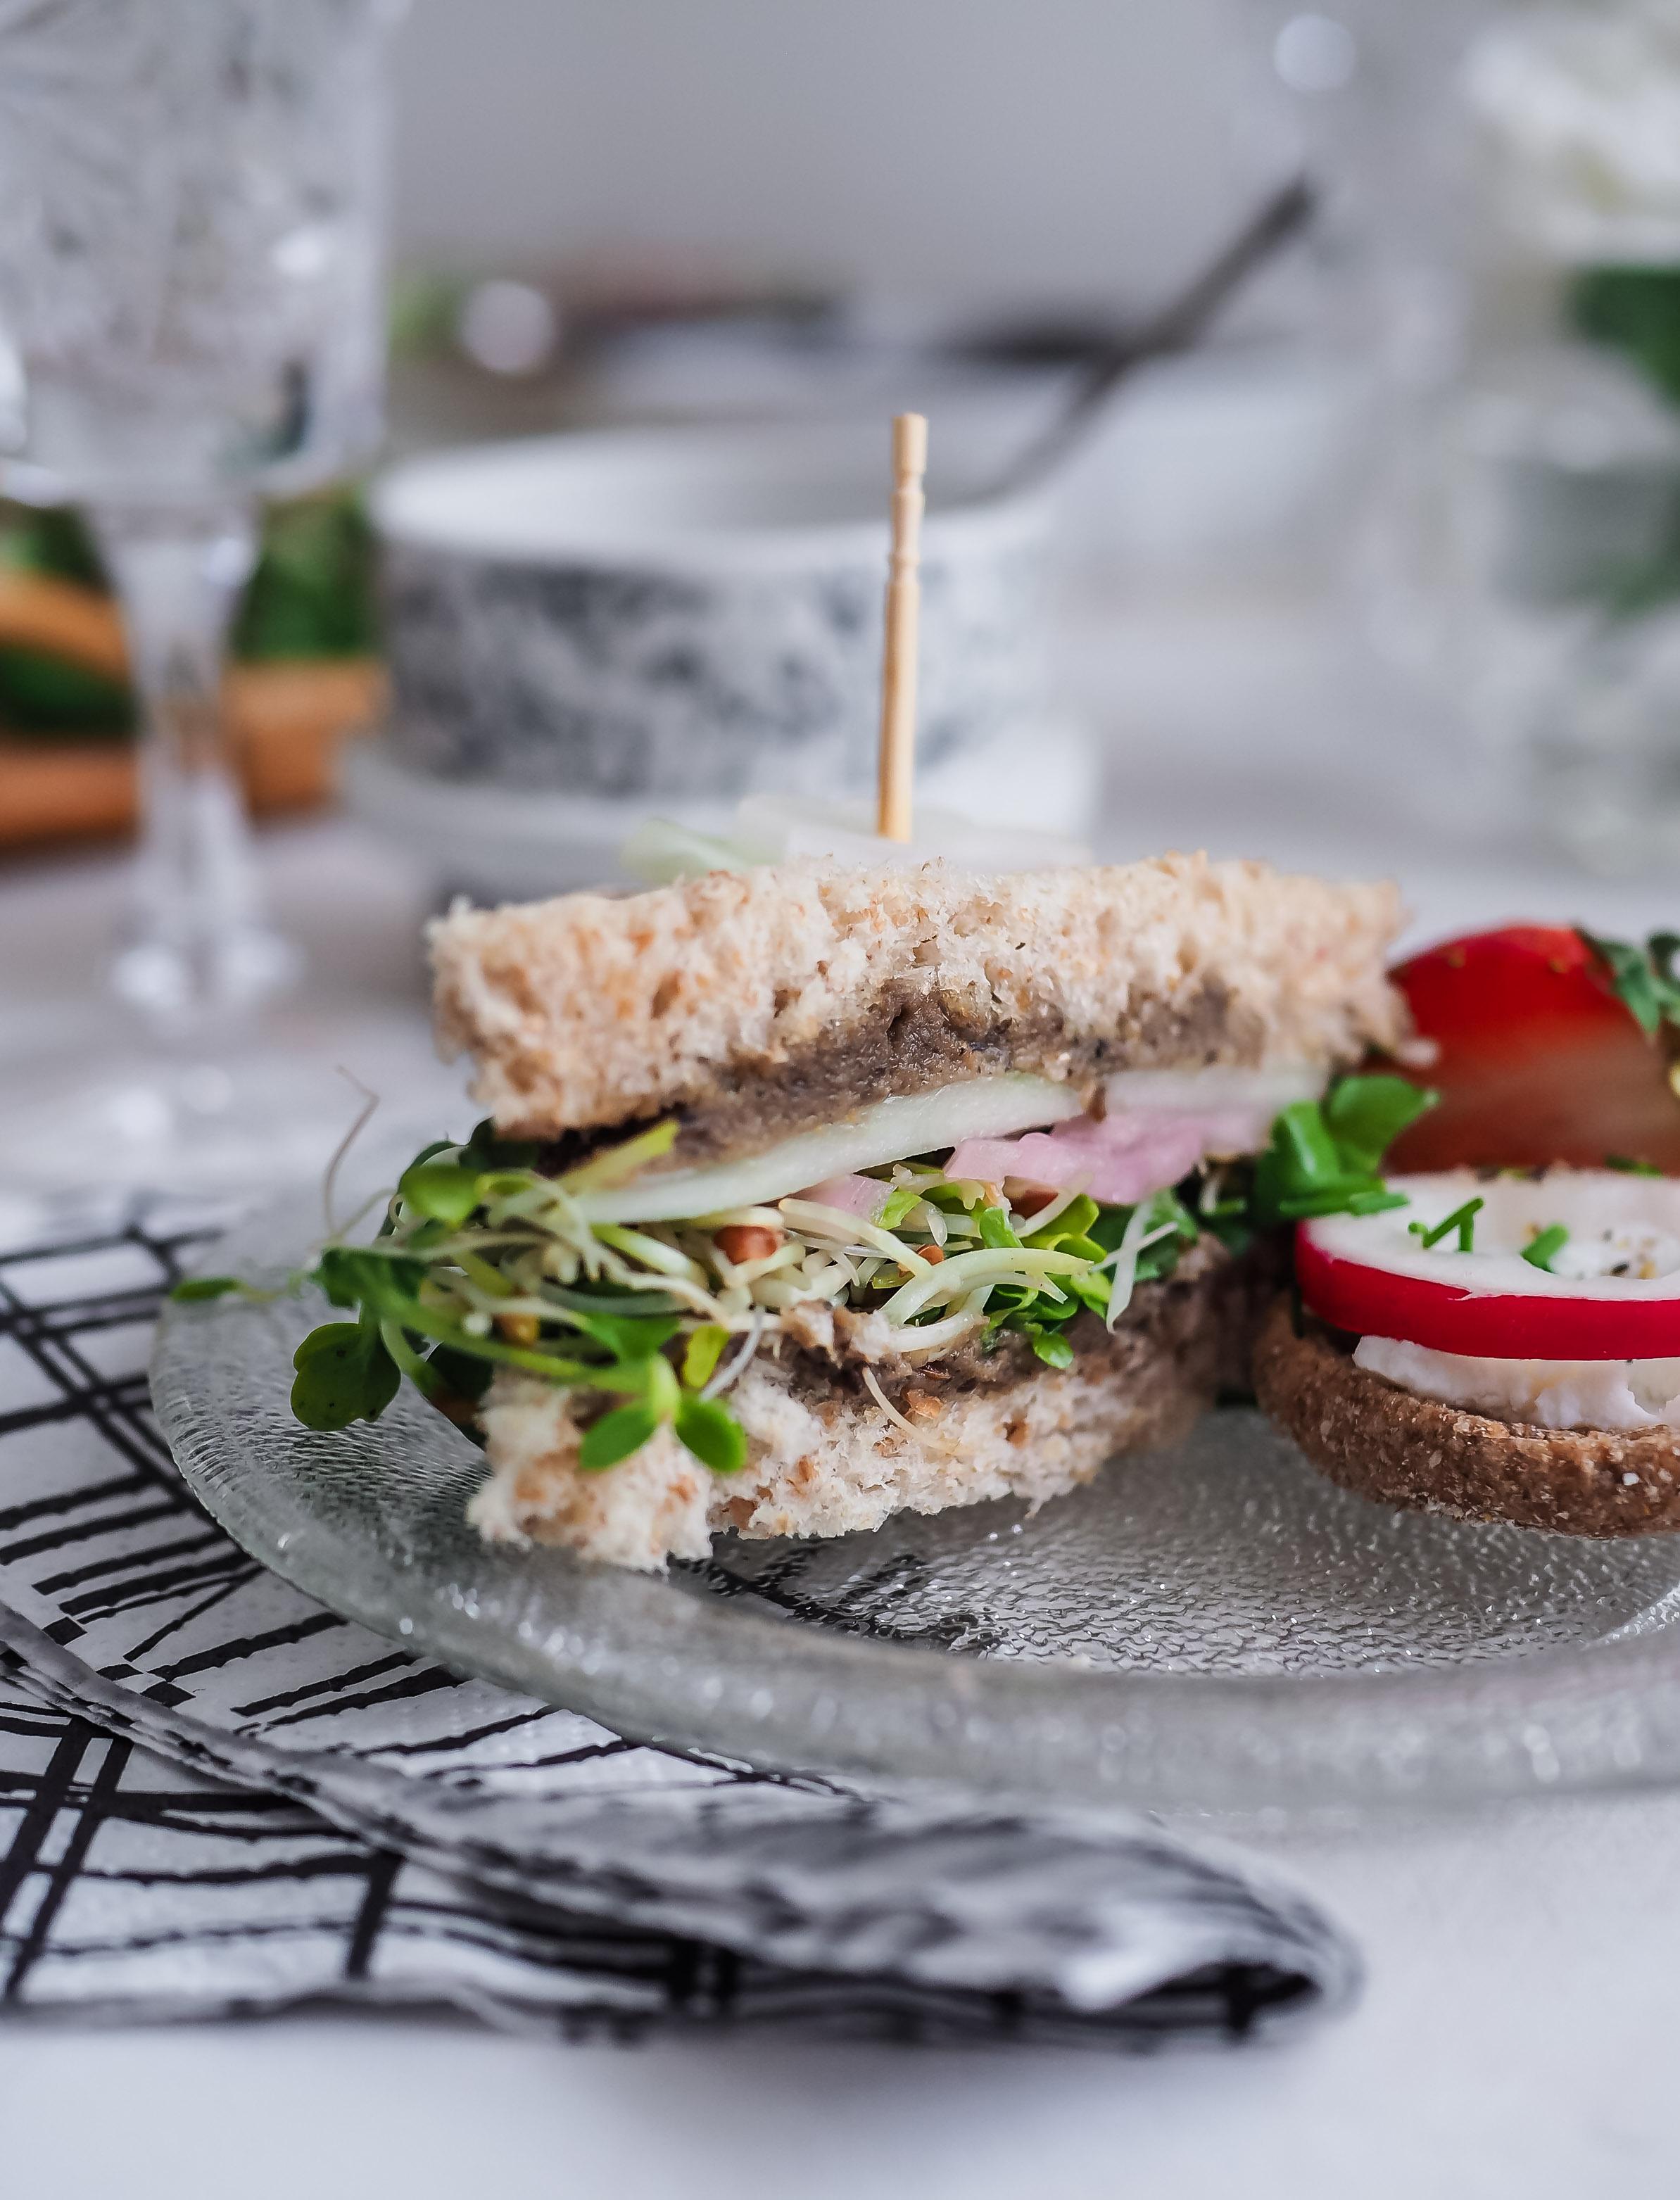 patee sandwich